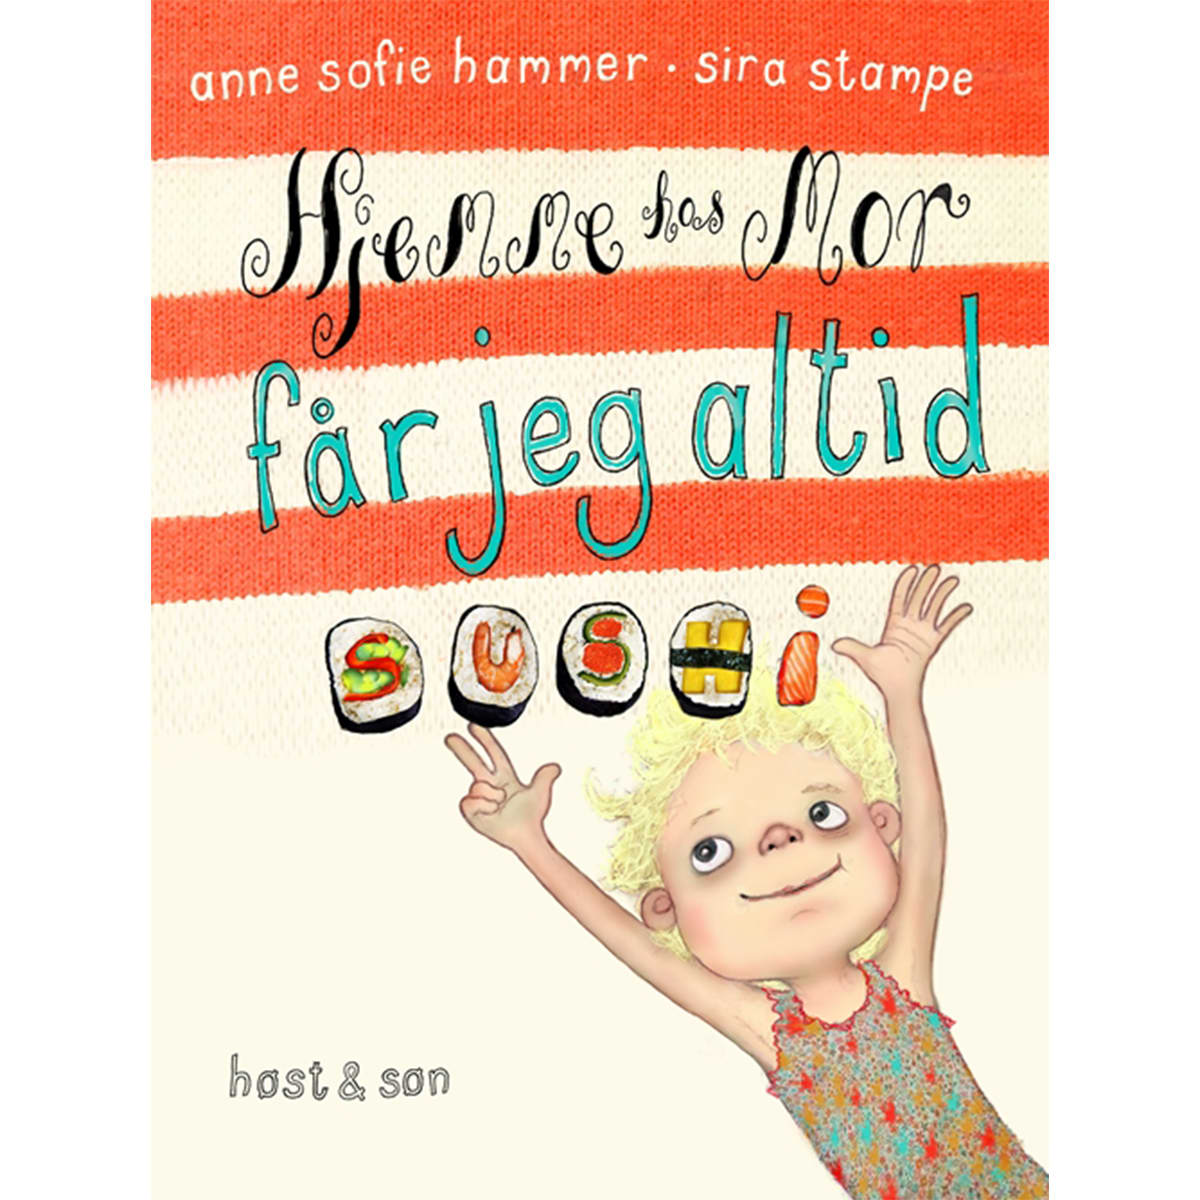 Af Anne Sofie Hammer